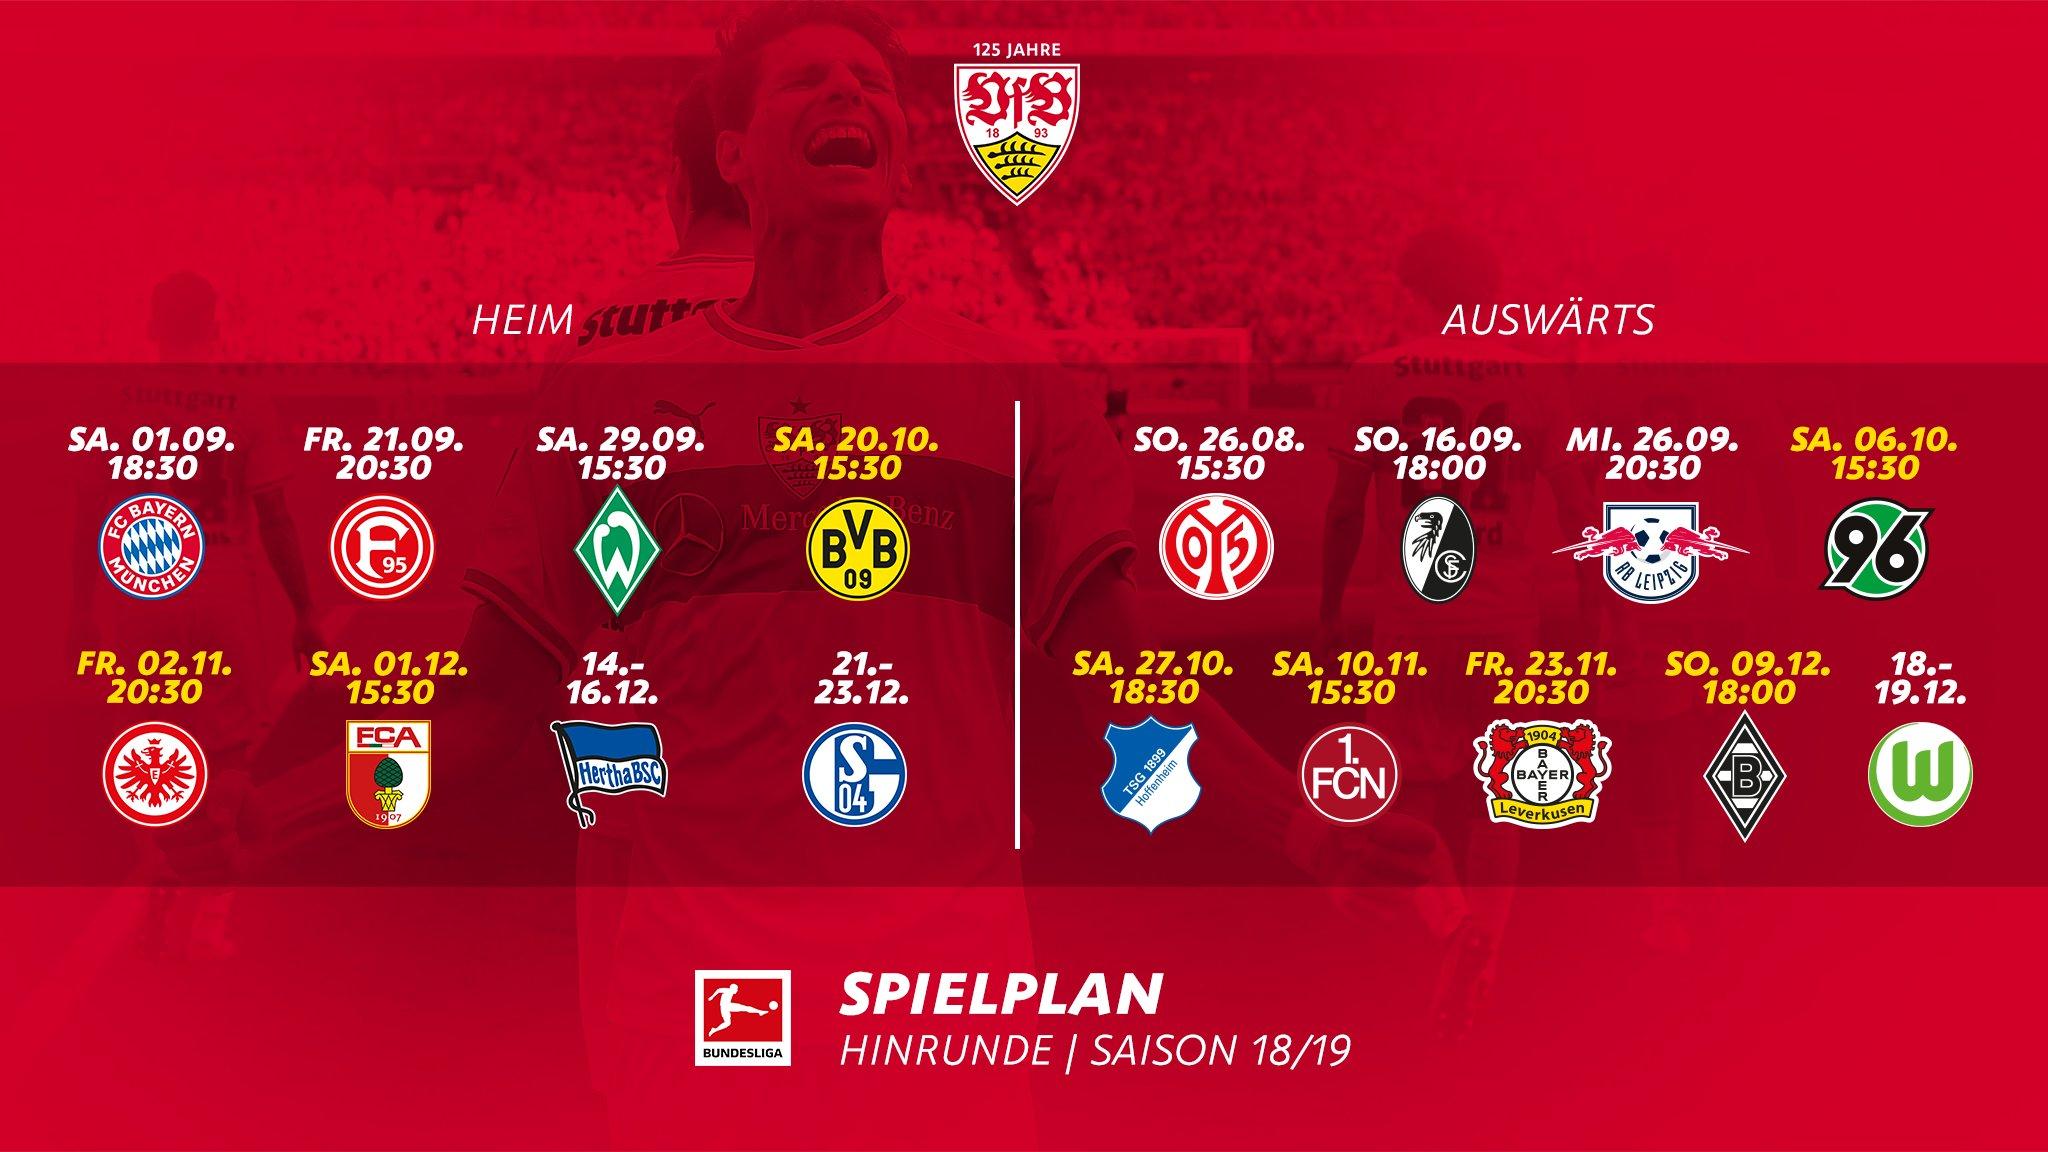 Vfb Stuttgart Spielplan Heimspiele